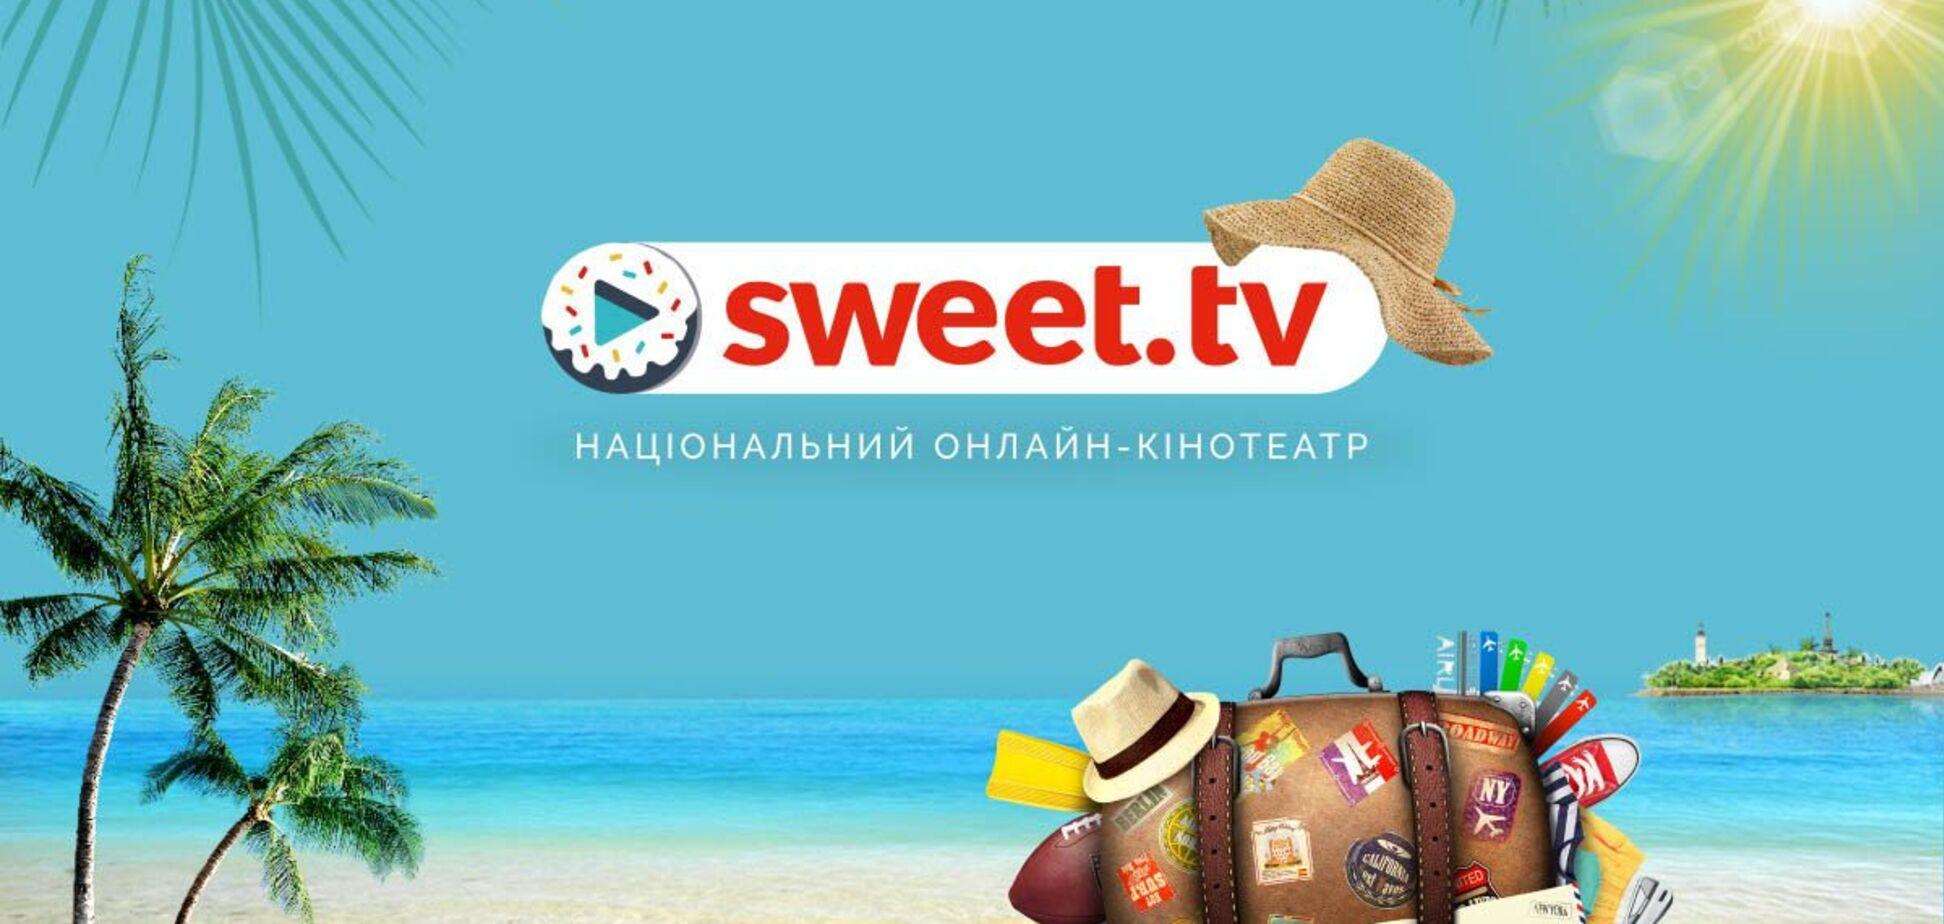 Нова ера телебачення з SWEET.TV: як взяти у відпустку 260+ телеканалів